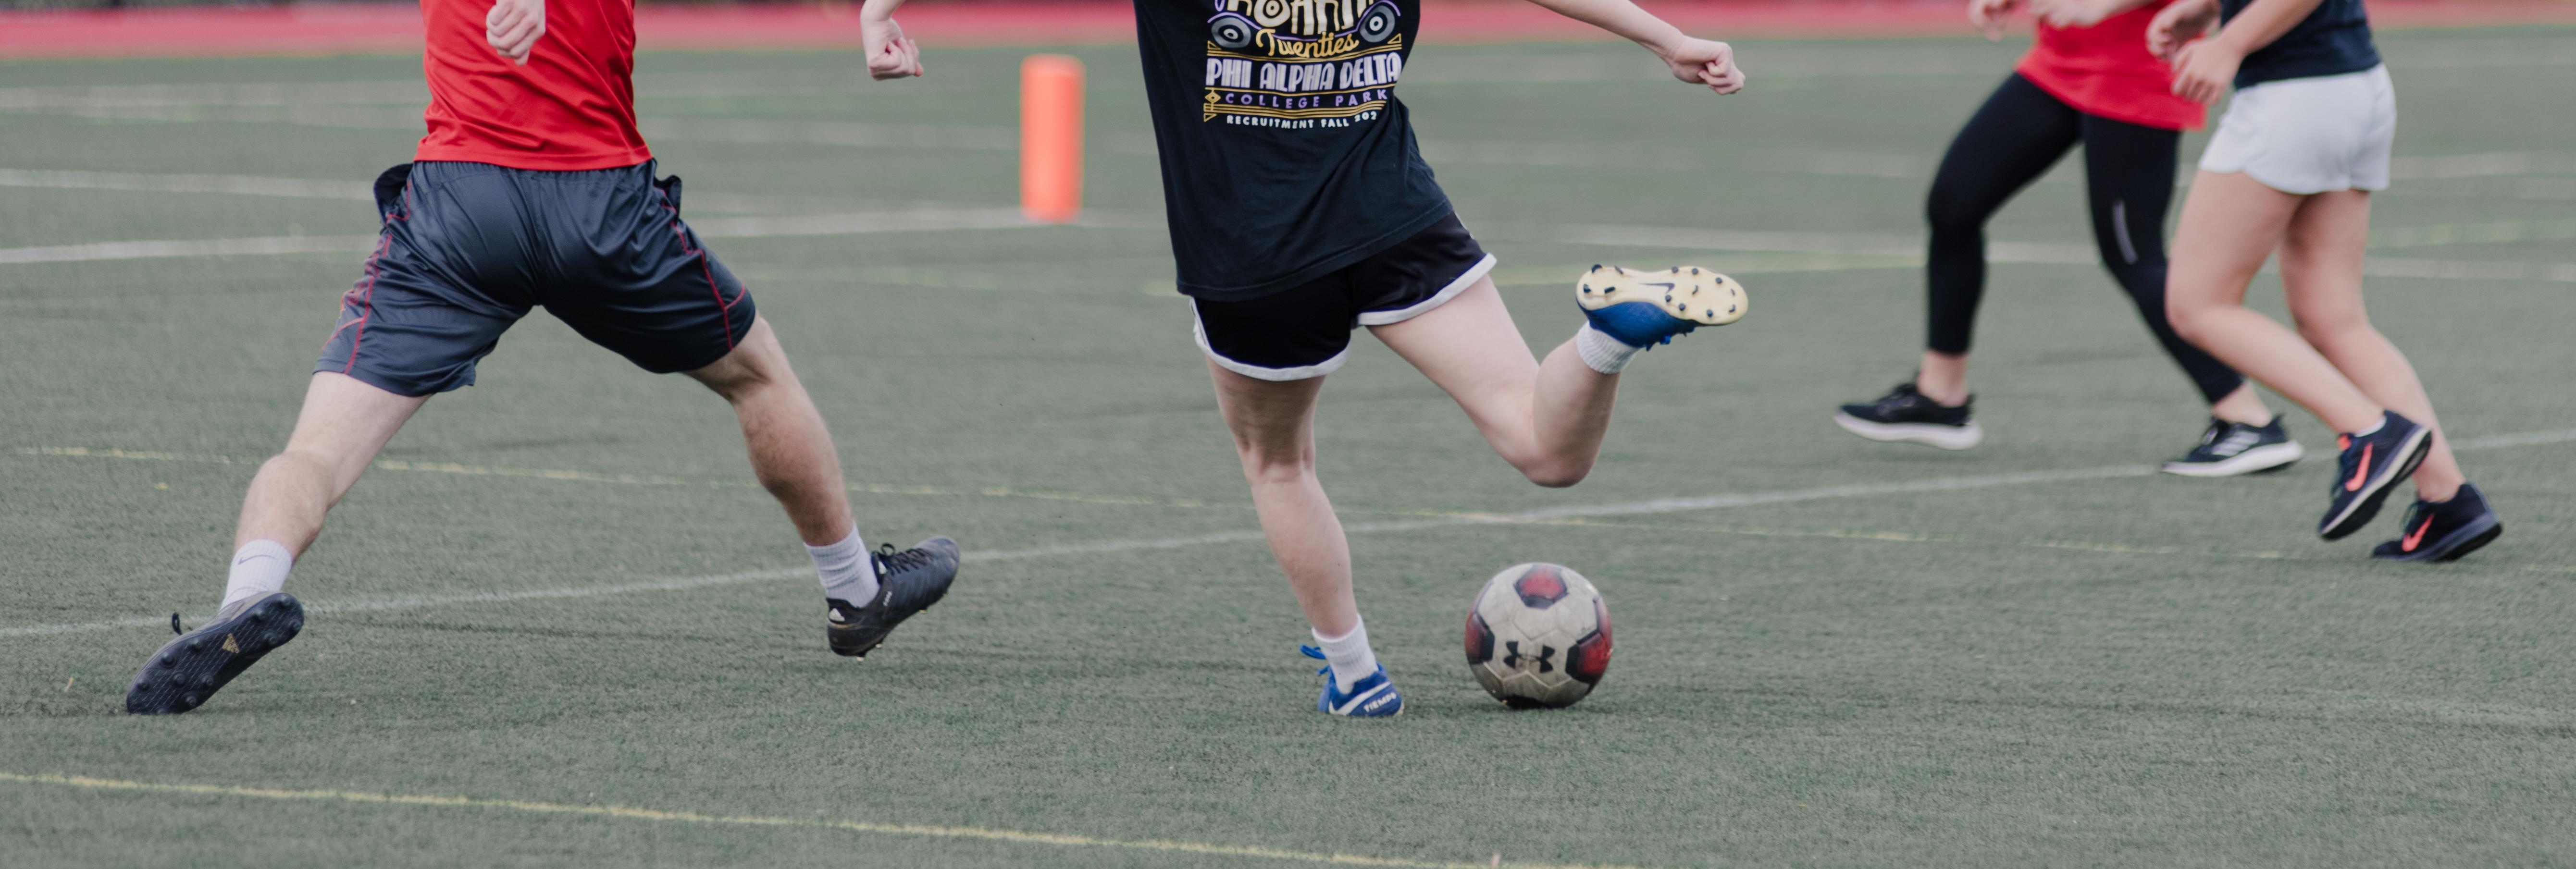 IMs soccer